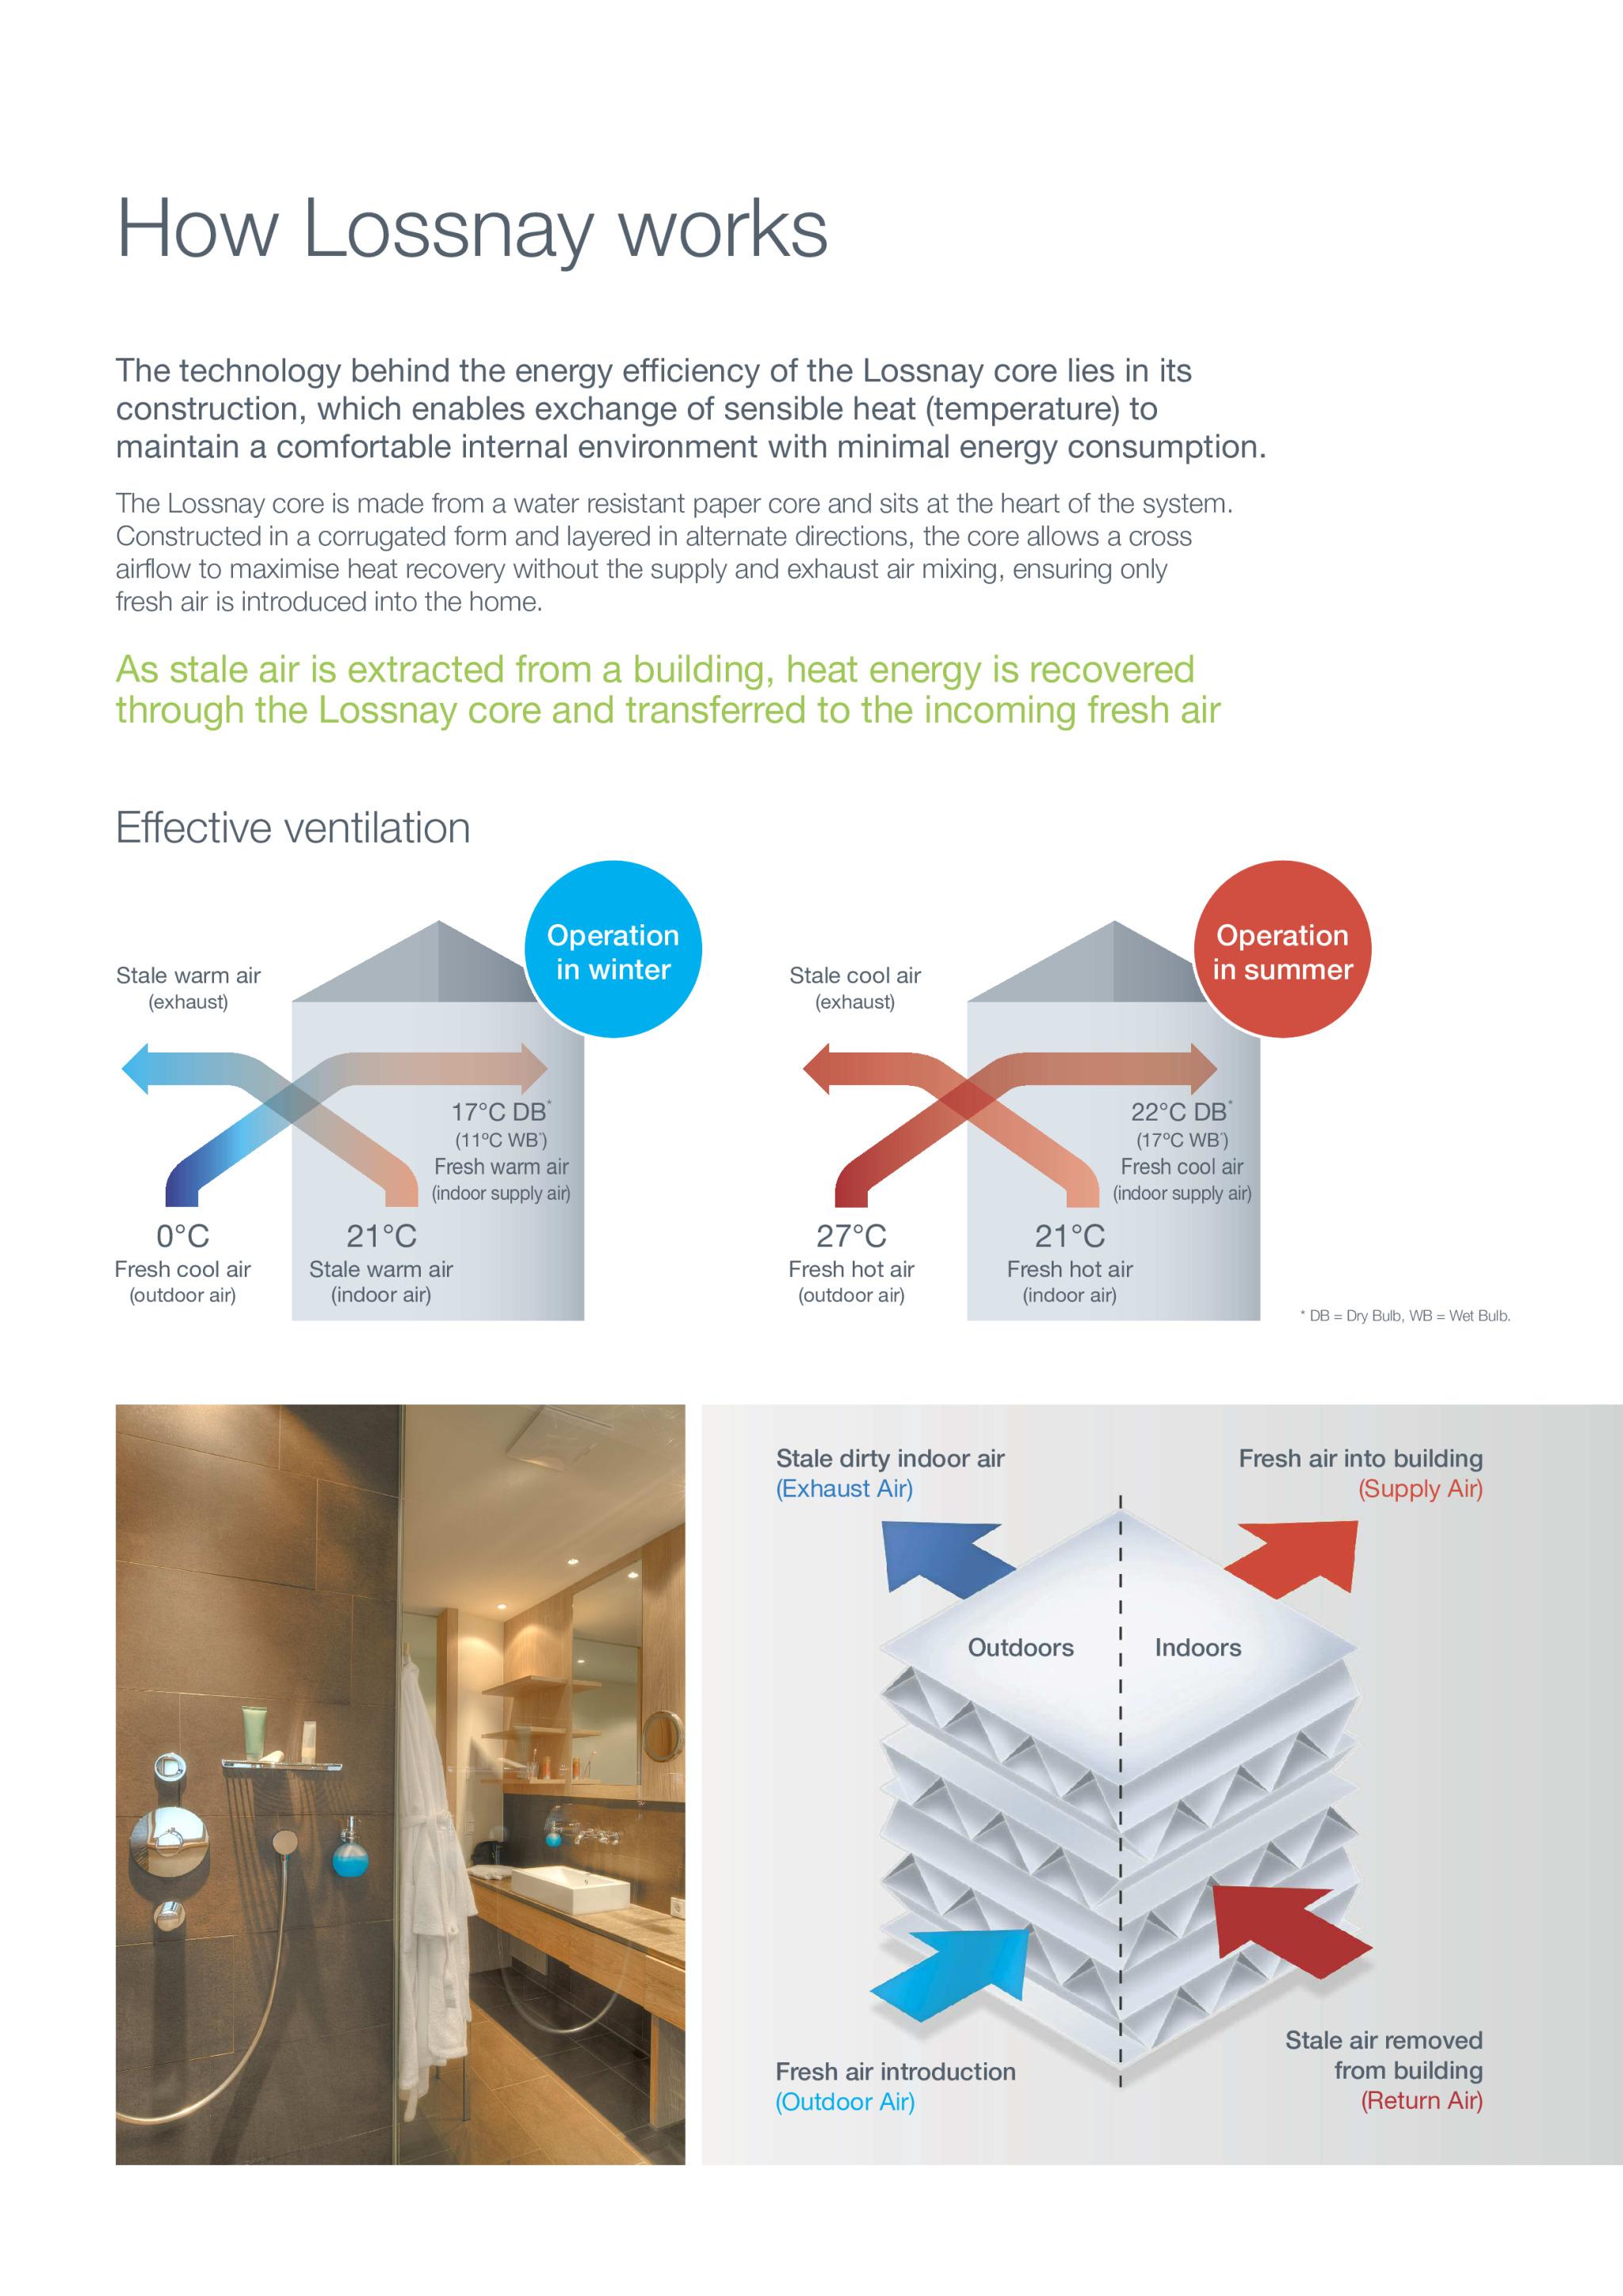 air internal environment